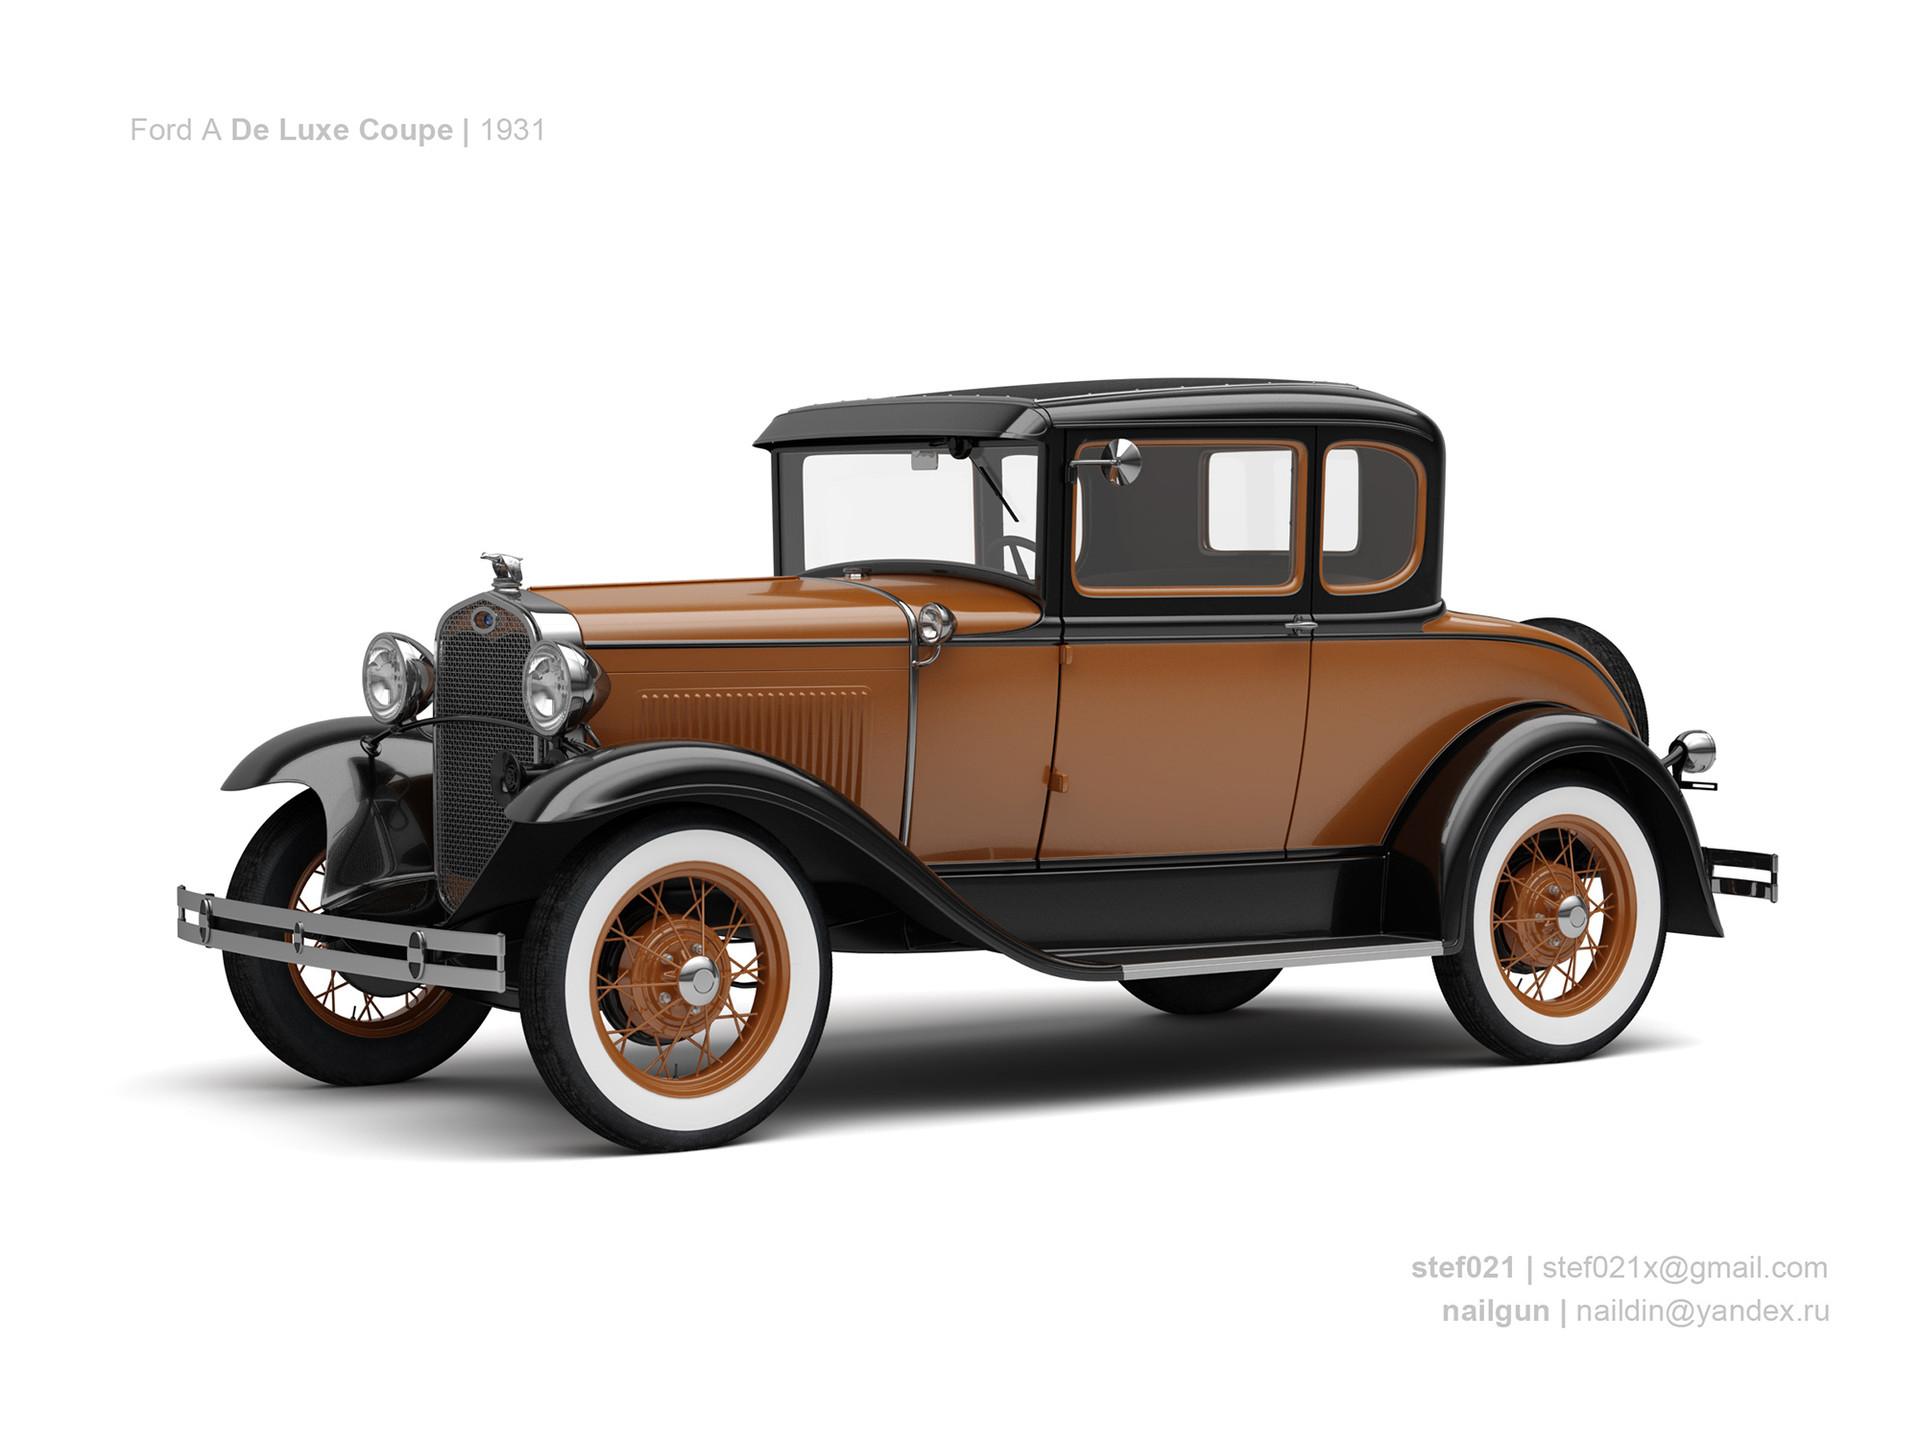 Nail khusnutdinov usa ford a de luxe coupe 1931 0